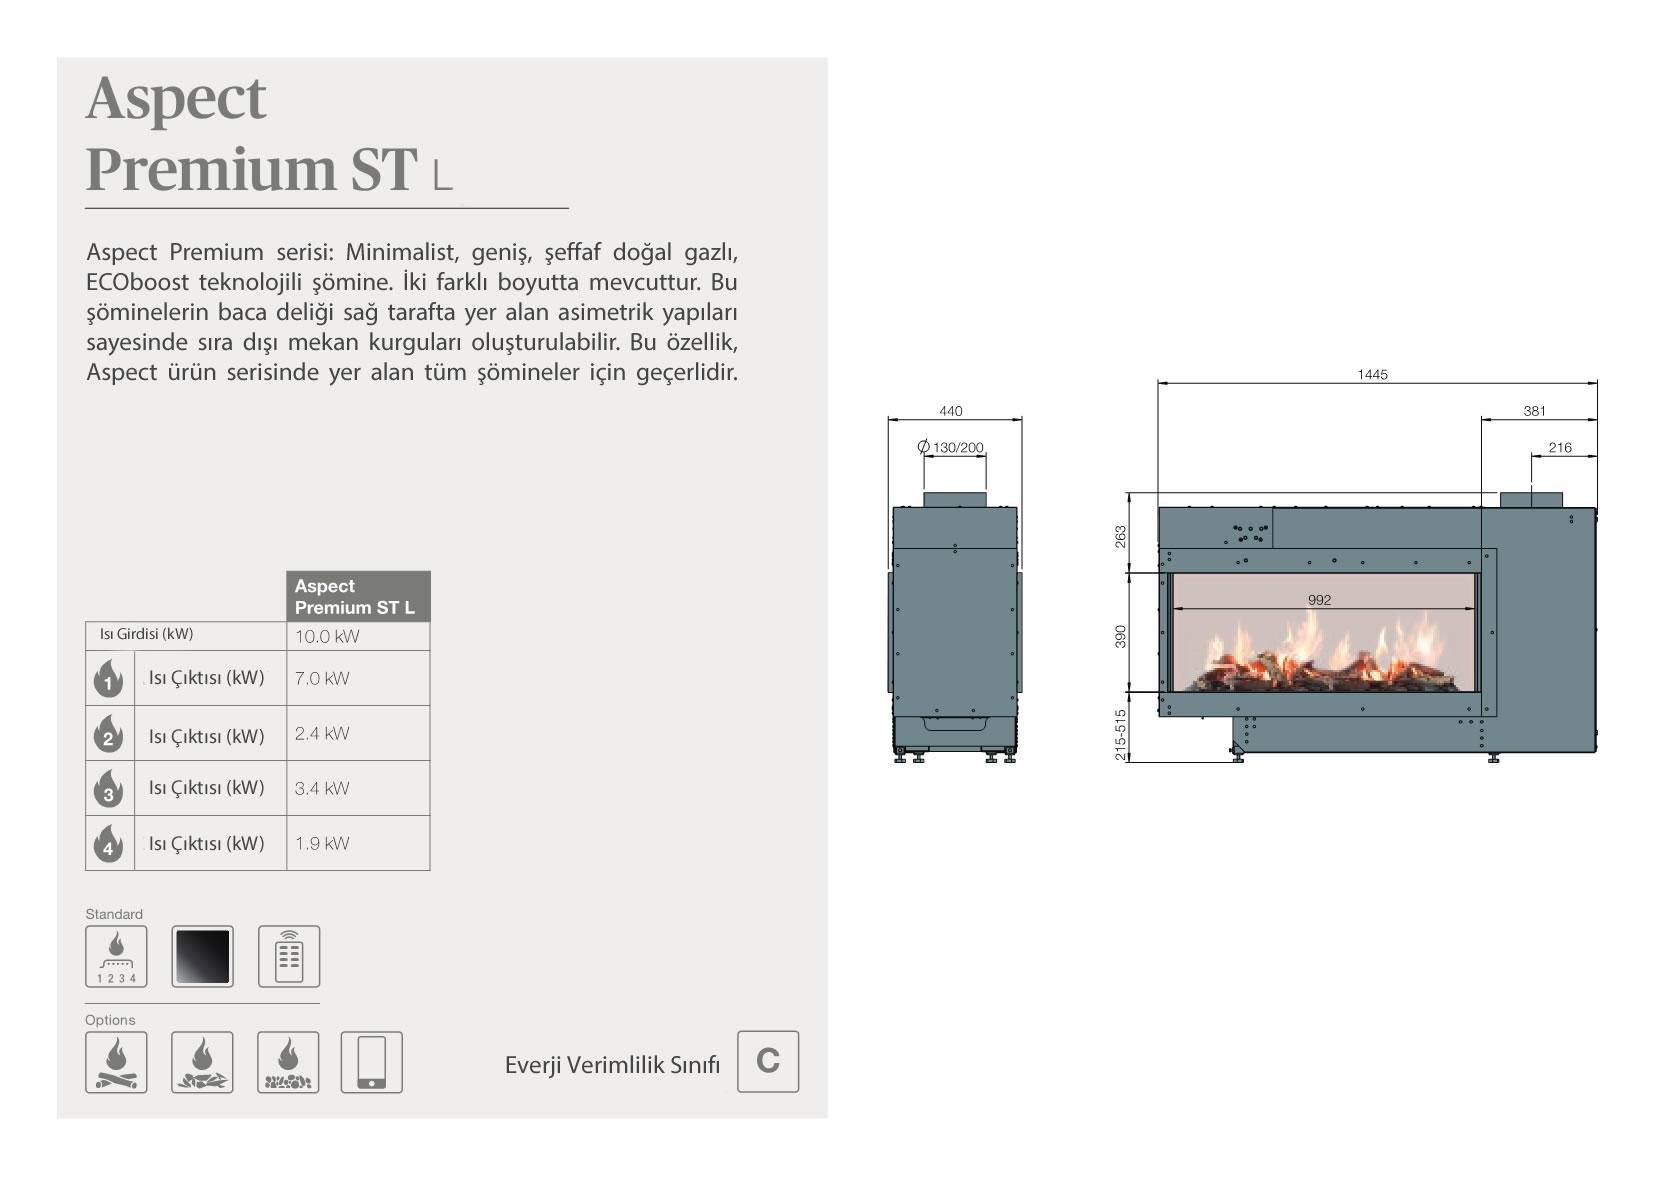 Faber Natural Gas Fireplaces - Aspect Premium ST L